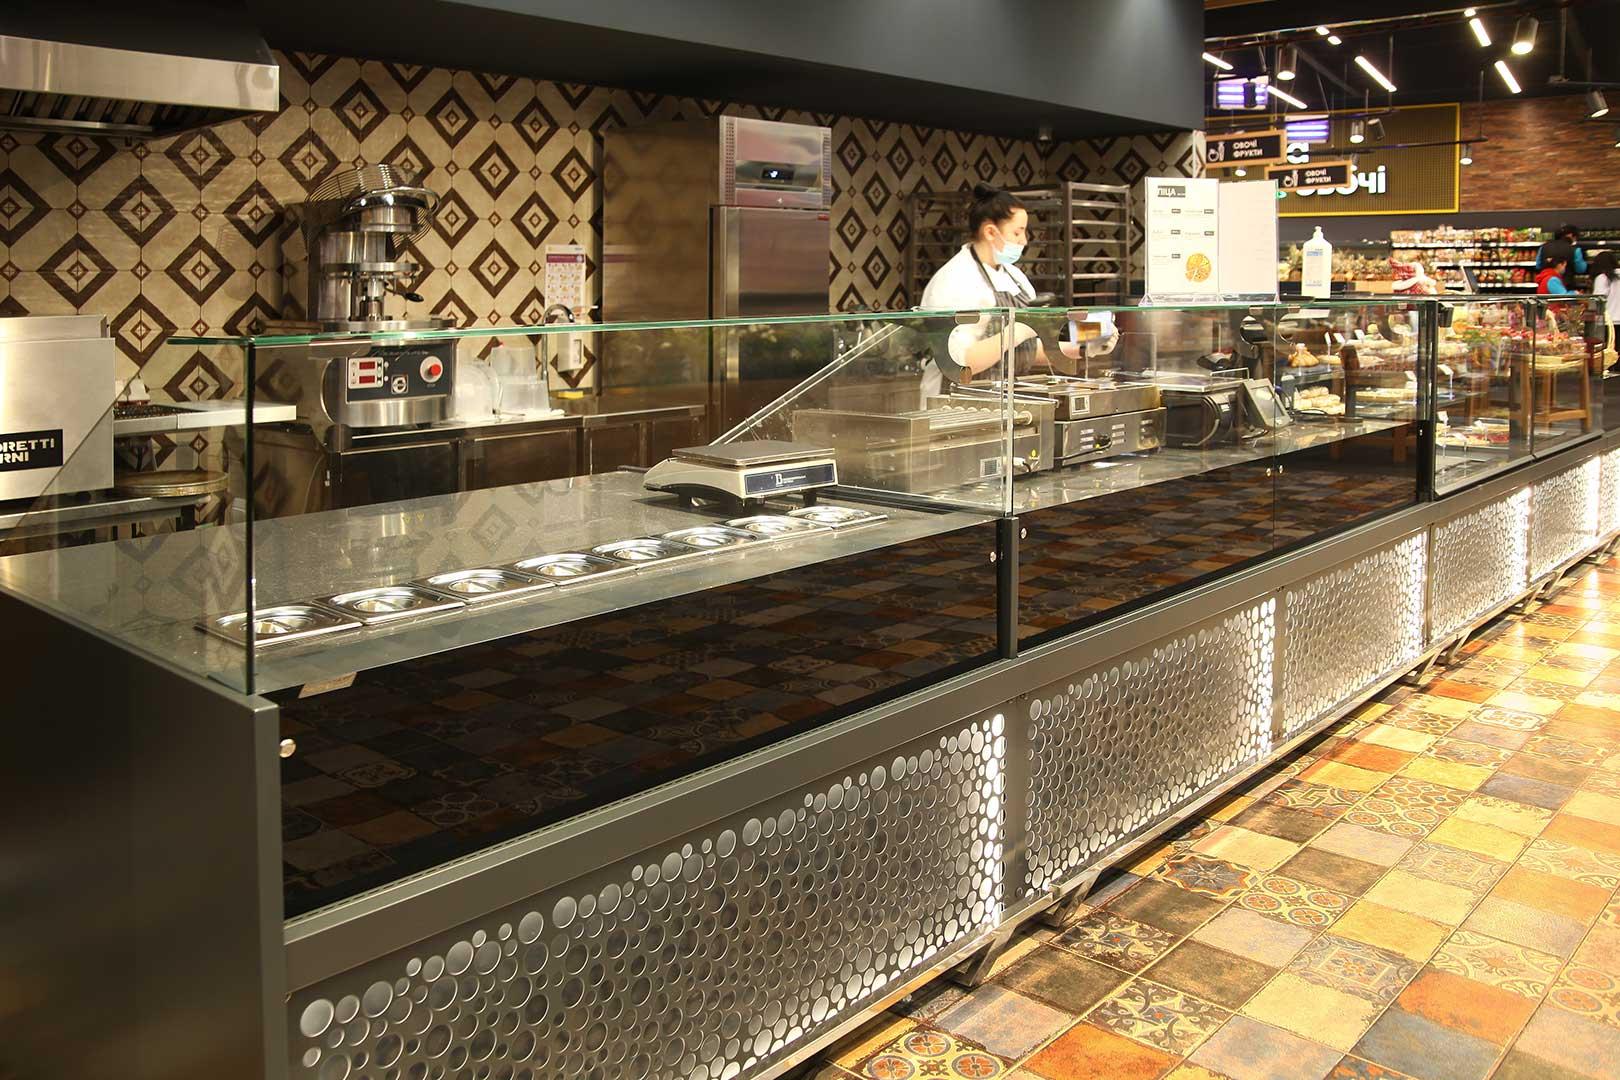 Витрины Missouri MC 120 sushi/pizza L 130-DBM, Missouri NC 120 L 130